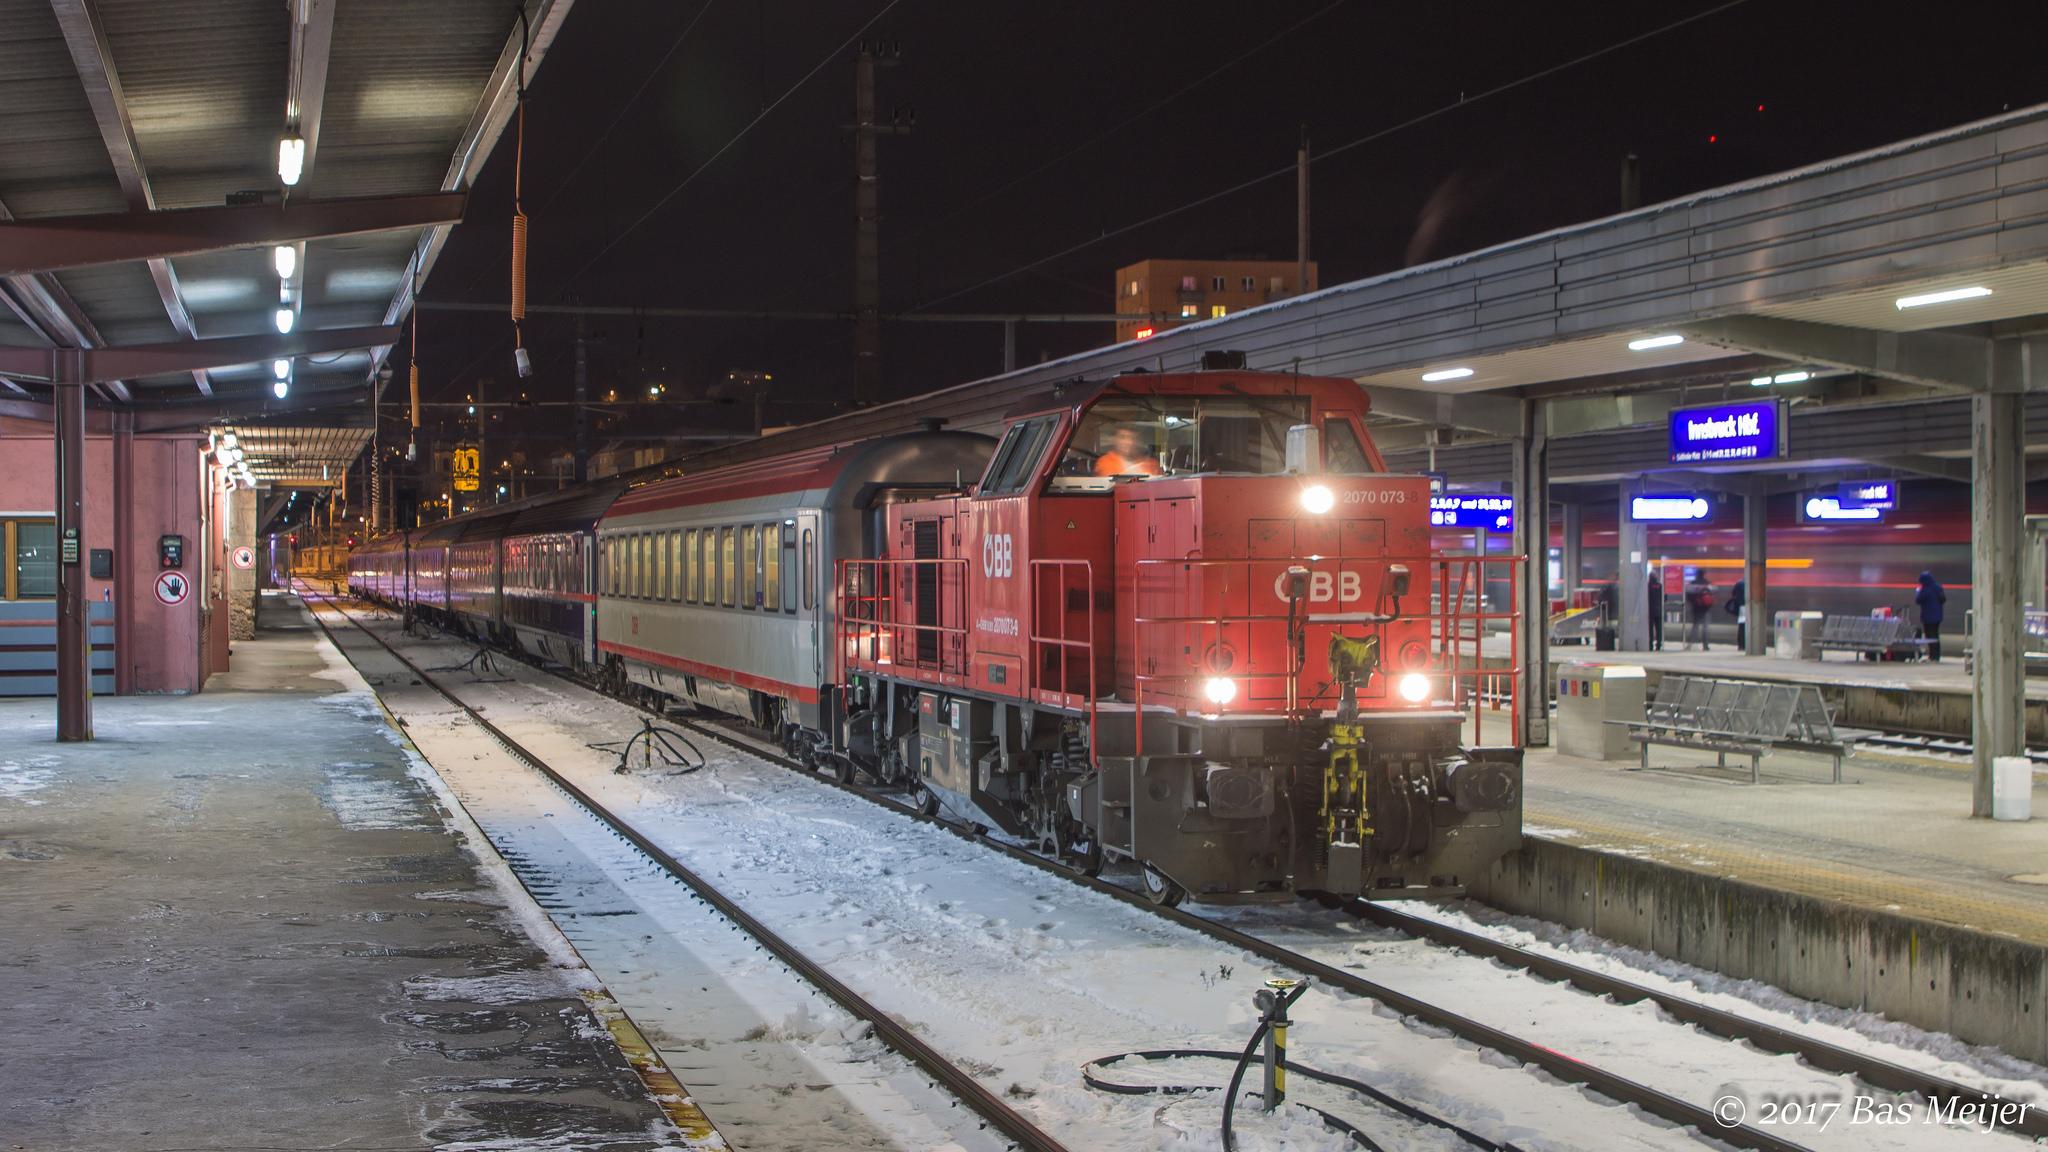 Nightjet wordt klaargezet in Innsbruck ©Bas Meijer